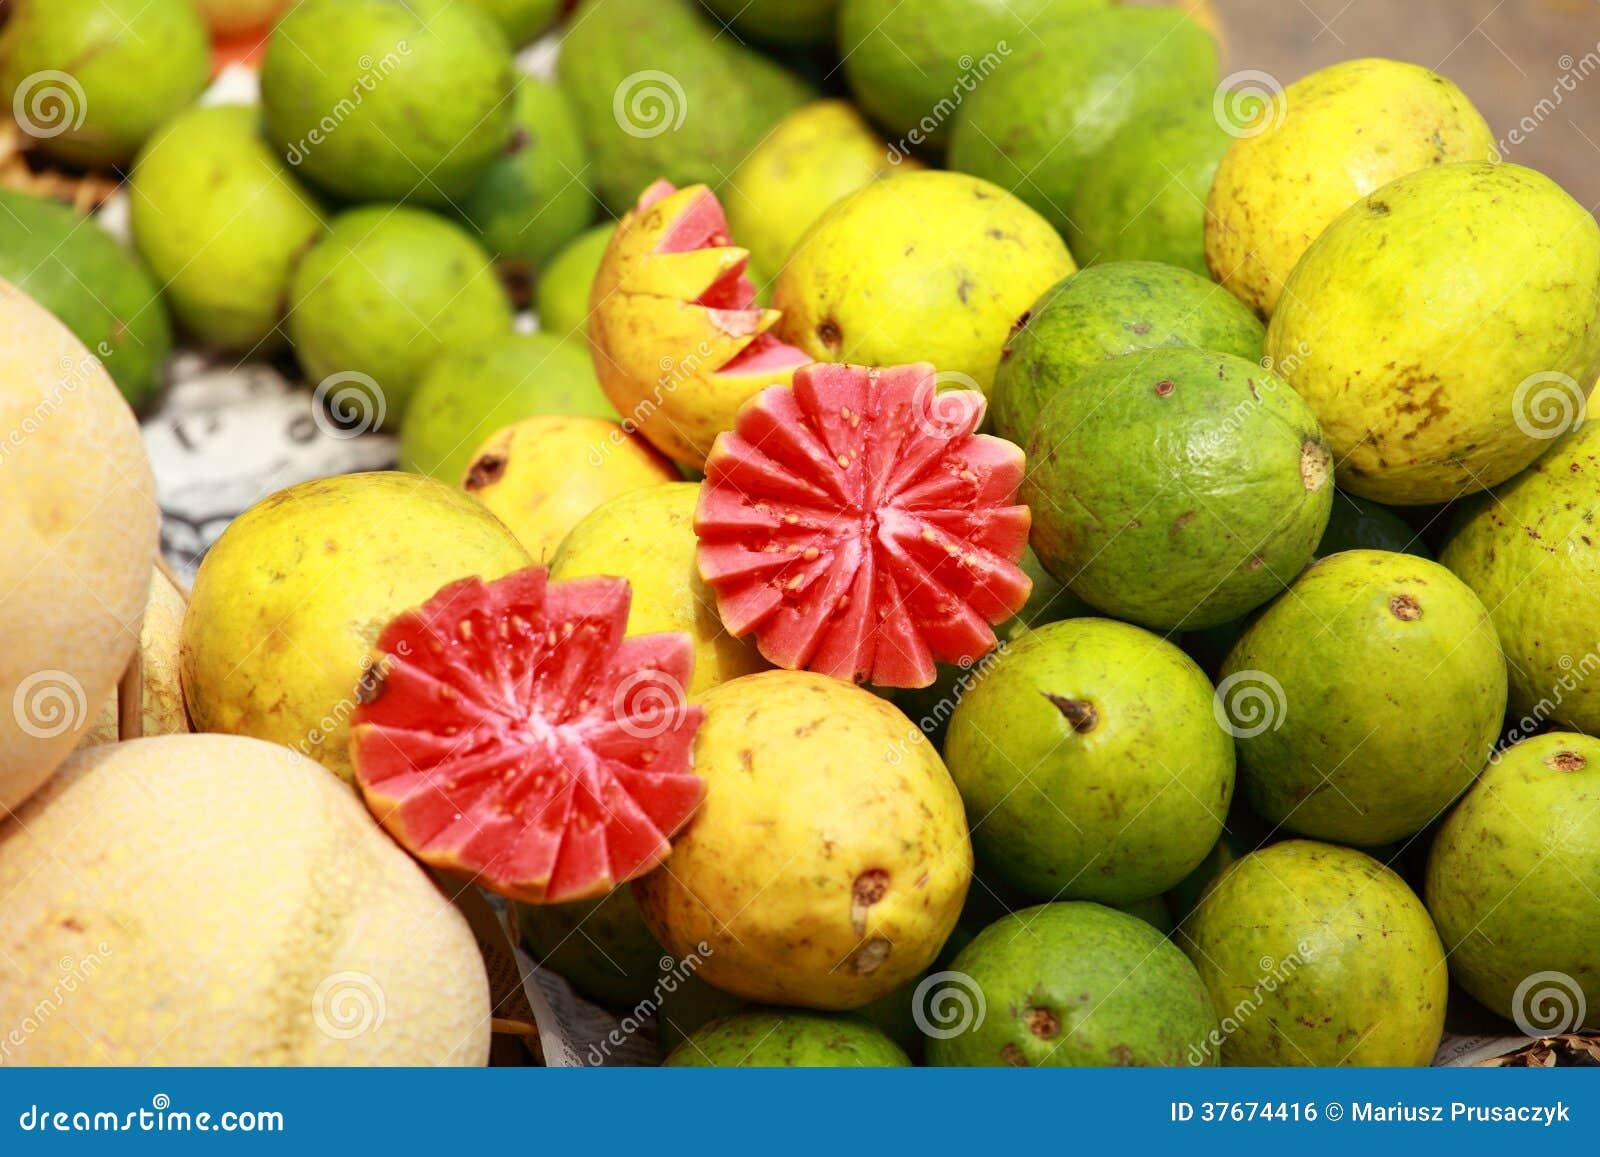 Рынок свежих фруктов в Индии